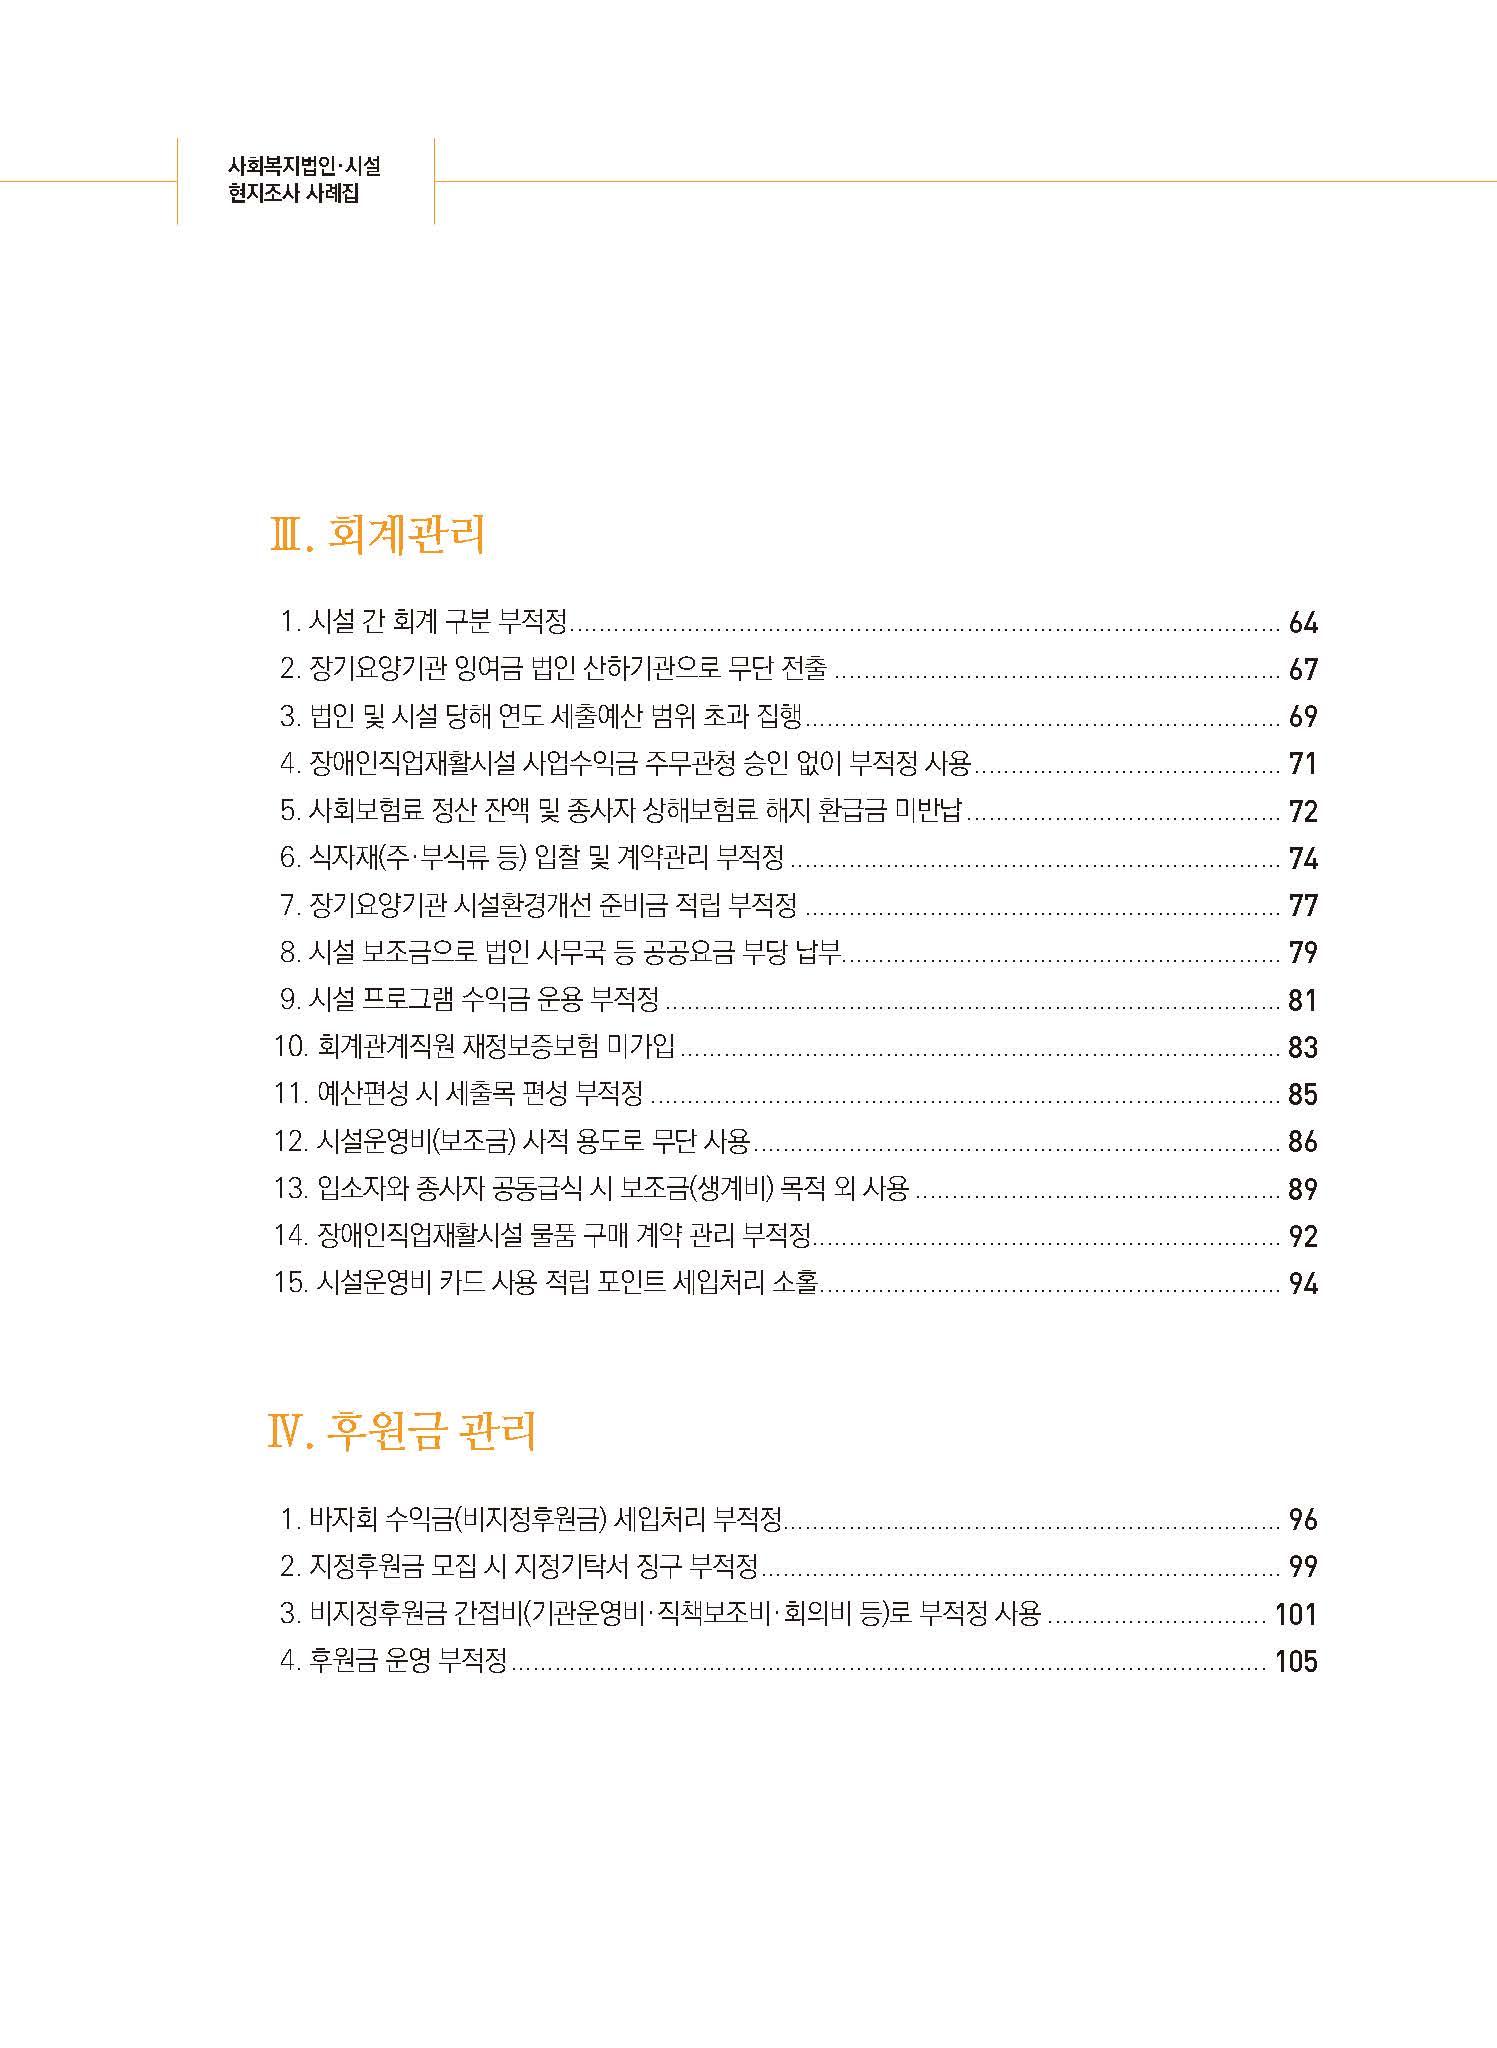 2020사회복지법인시설현지조사사례집_페이지_006.jpg